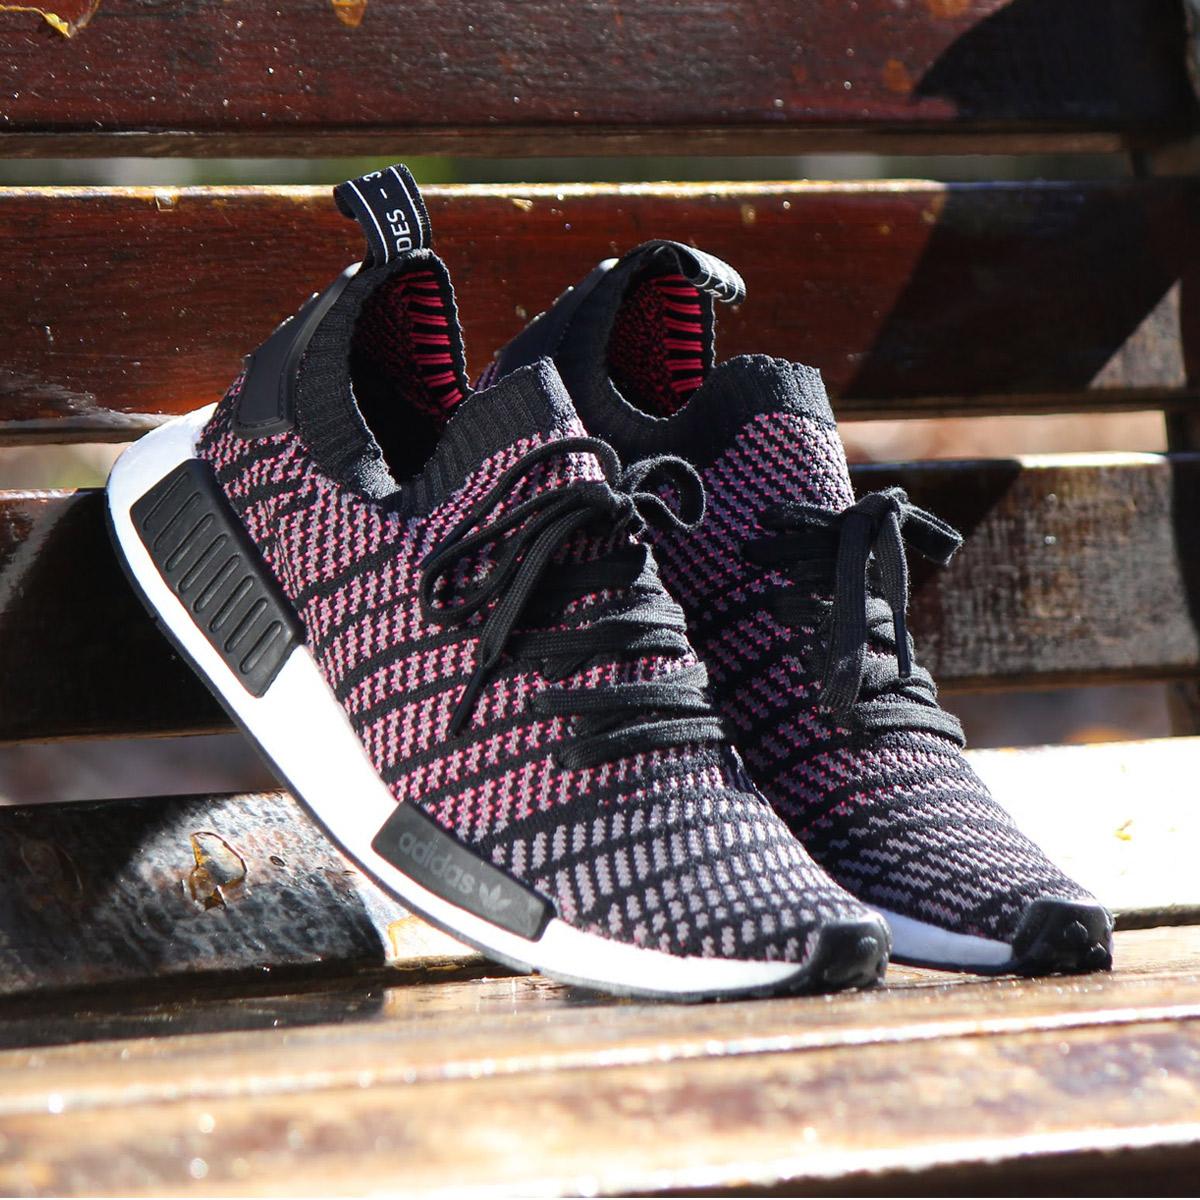 adidas nmd stlt pk